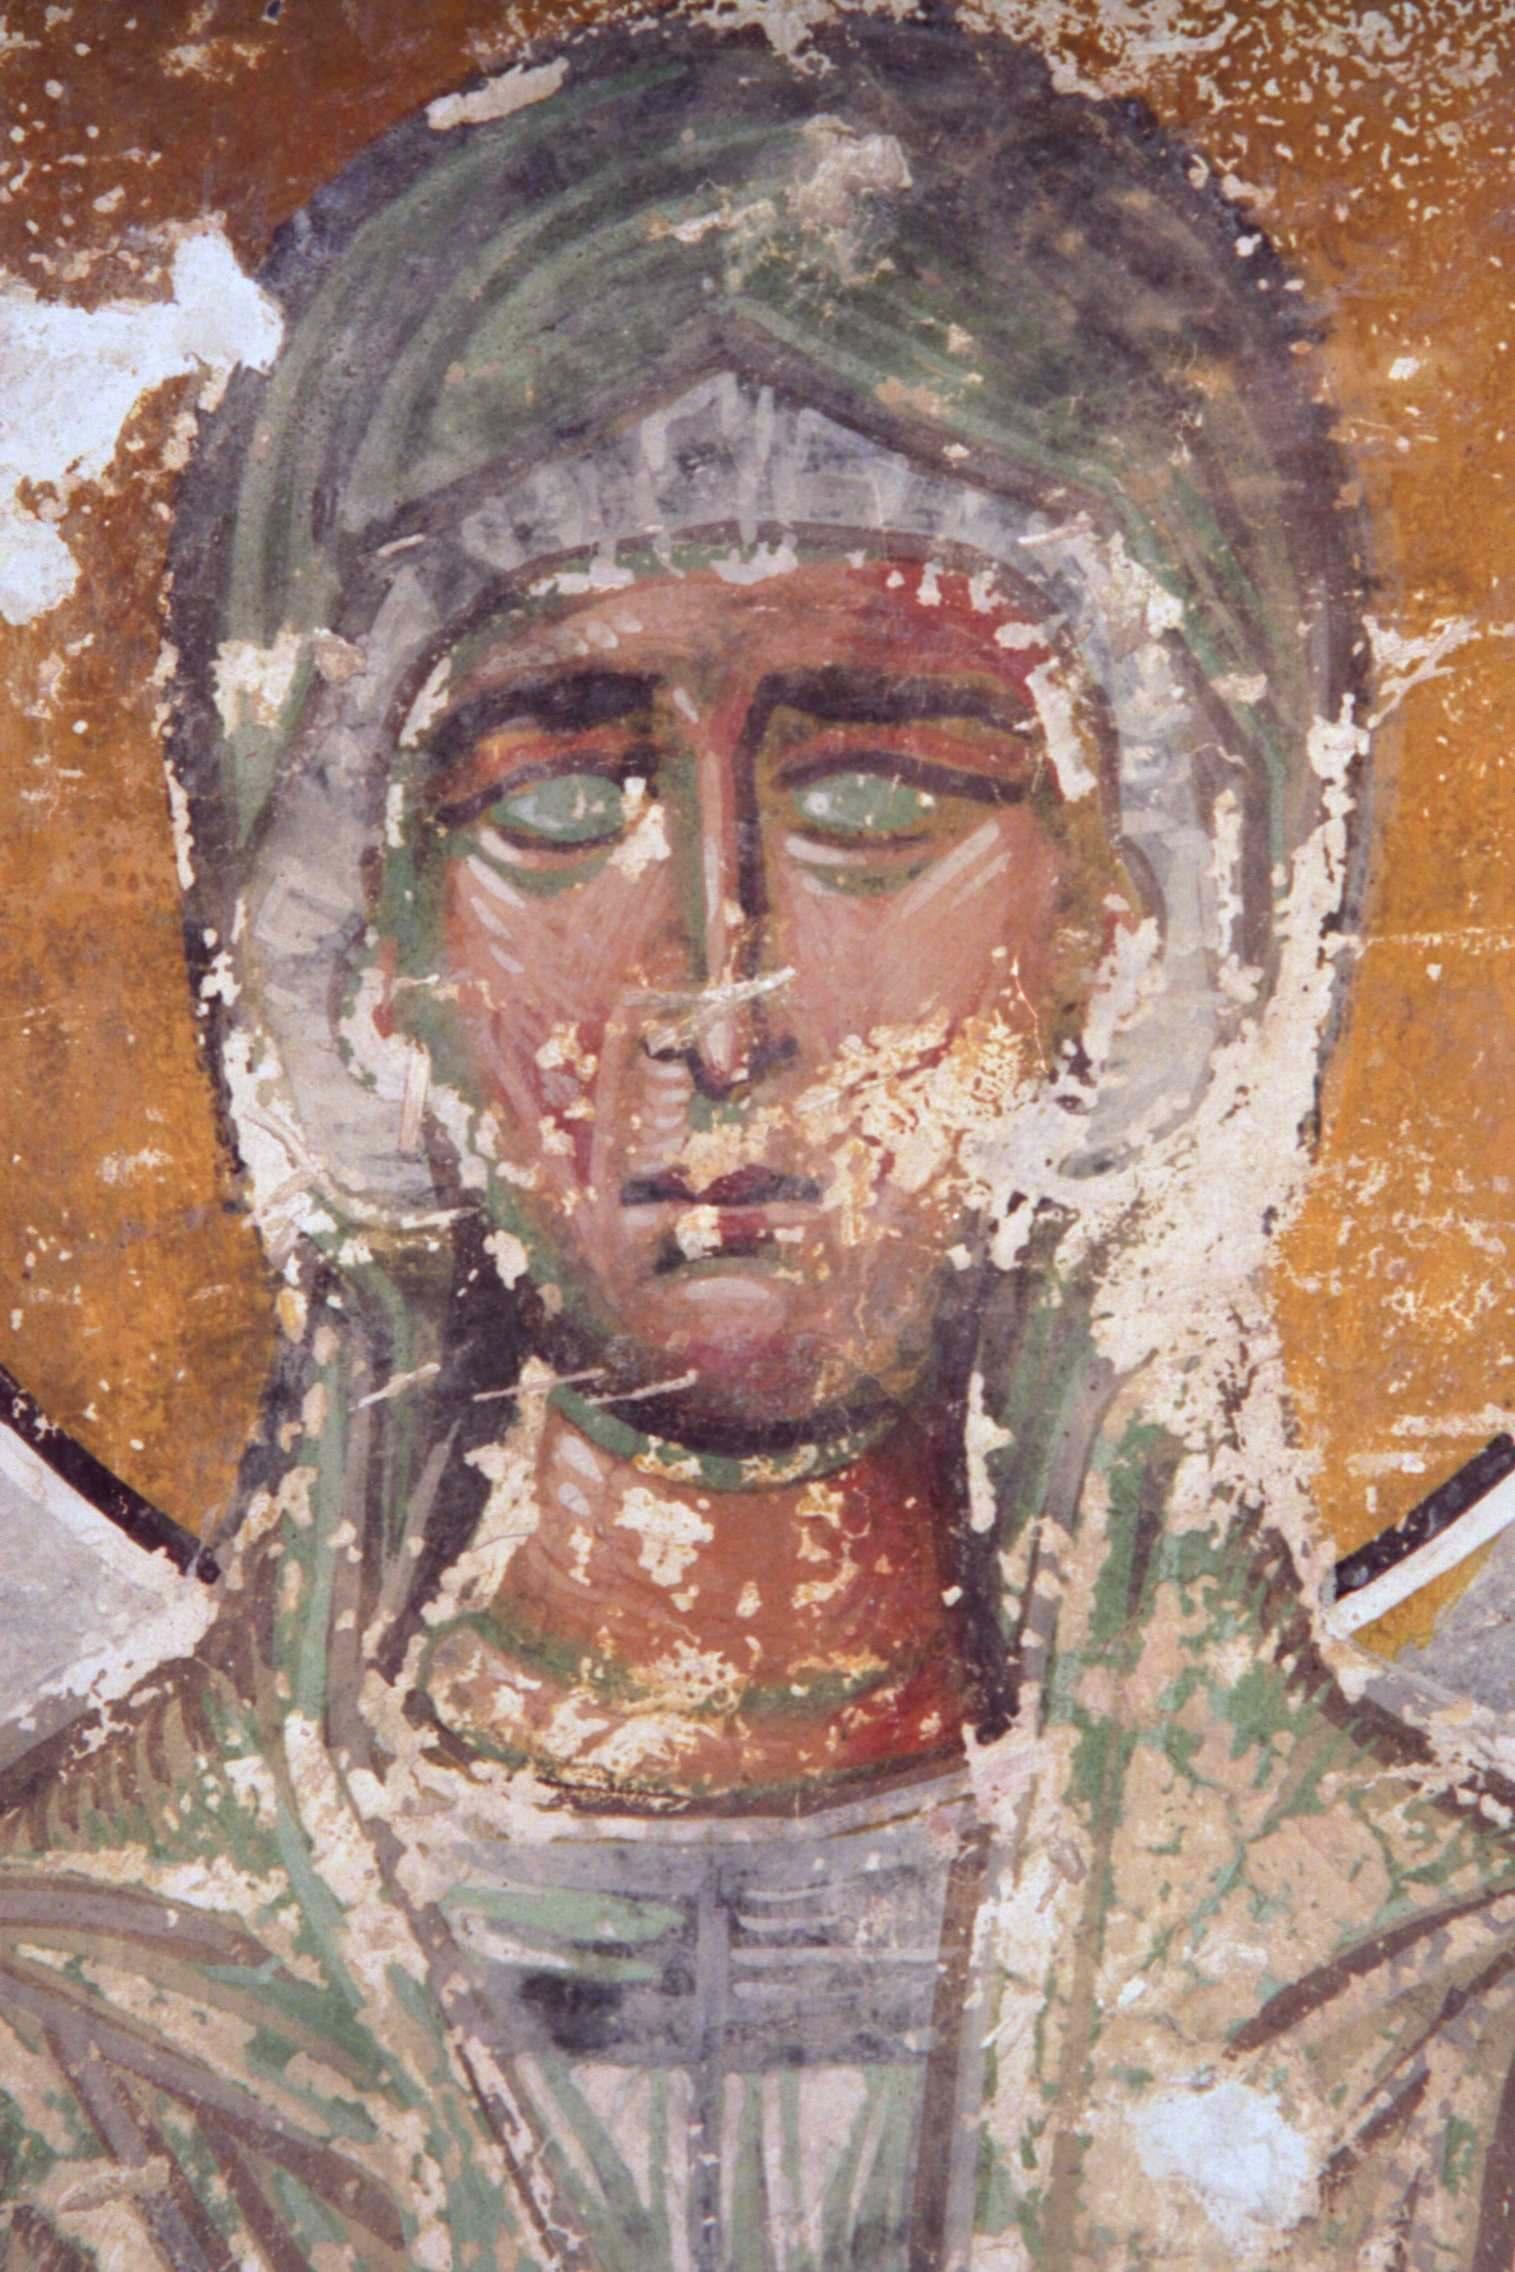 Святая Праведная Елисавета, мать Св. Иоанна Предтечи. Фреска собора Христа Спасителя в Цаленждихе, Грузия. XIV век. Фрагмент.